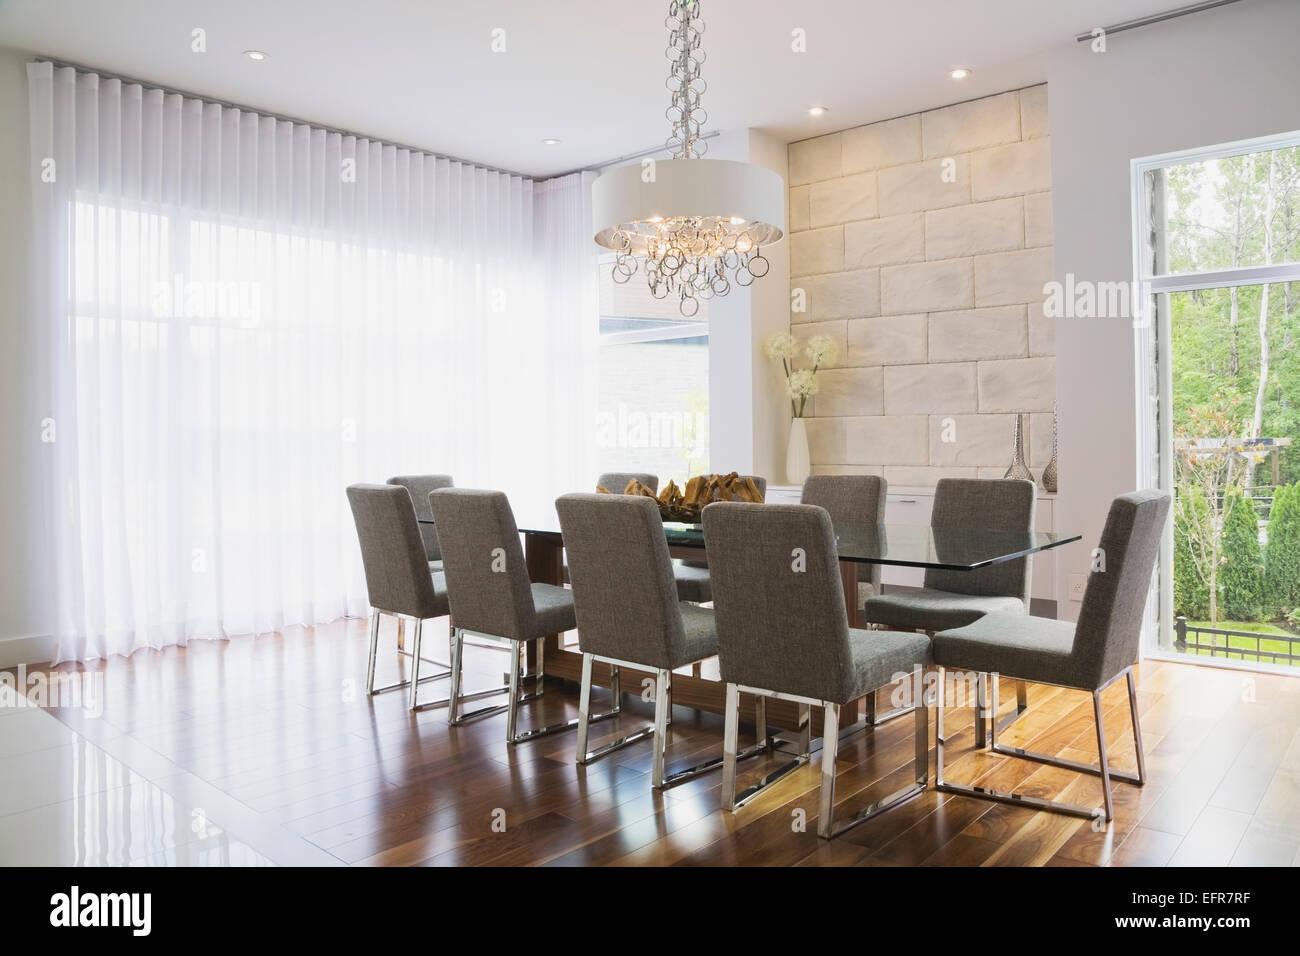 Esszimmer modernes design  Modernes Interior Design Luxus Esszimmer mit Glas-Esstisch und grau ...